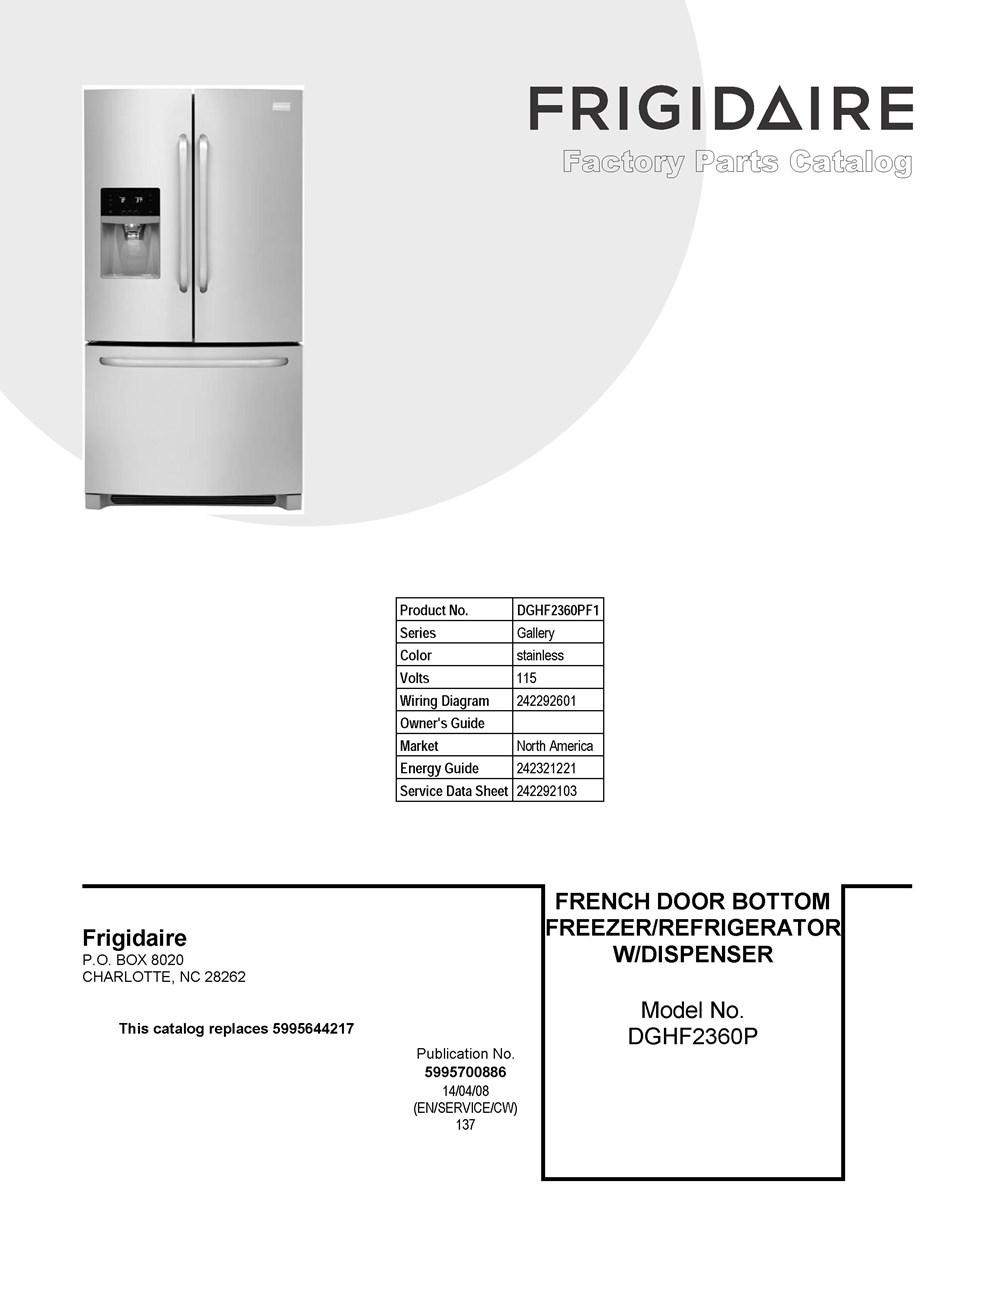 Dghf2360pf1 Frigidaire Company Valve Wiring Diagram